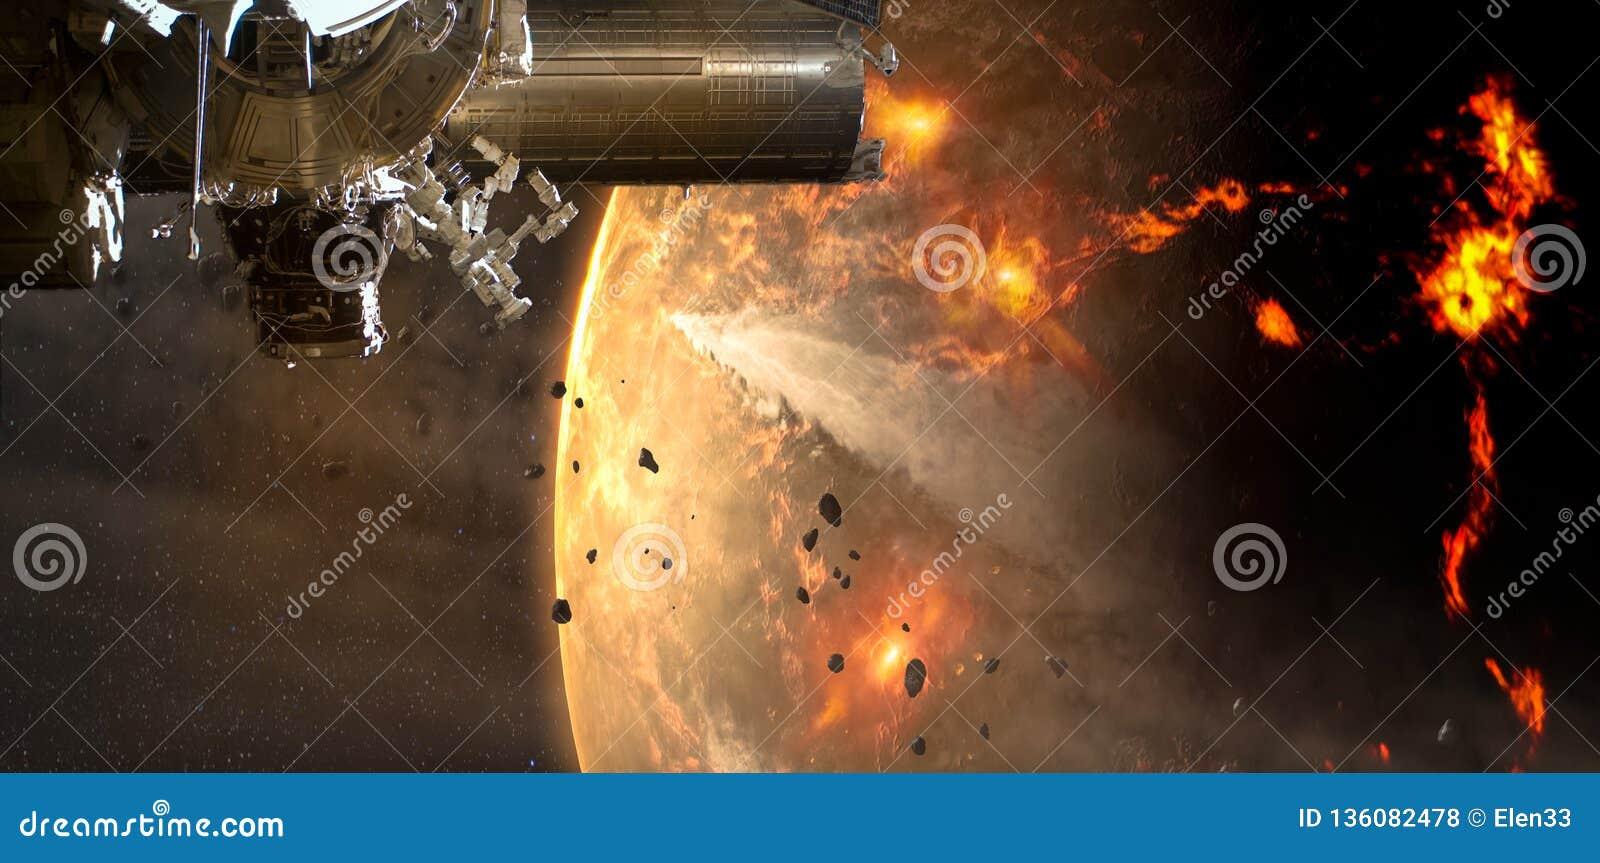 A nave espacial chega no asteroide estrangeiro do planeta